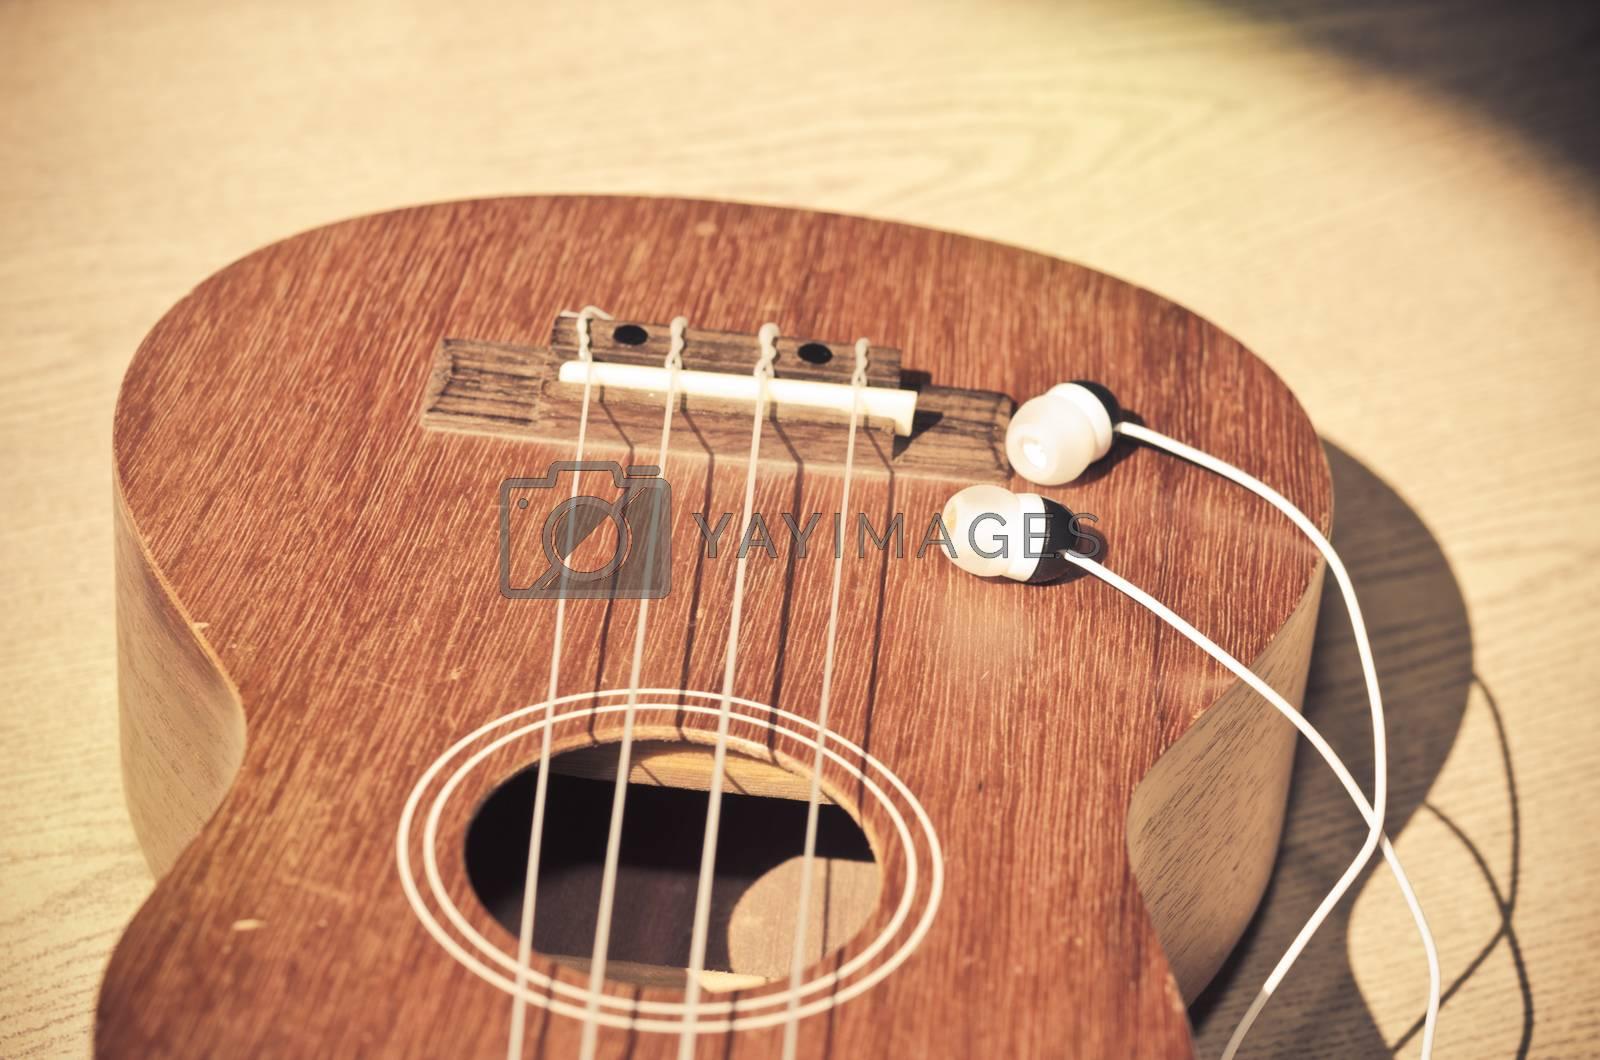 The Ukulele and headphones. Vintage photo retouching